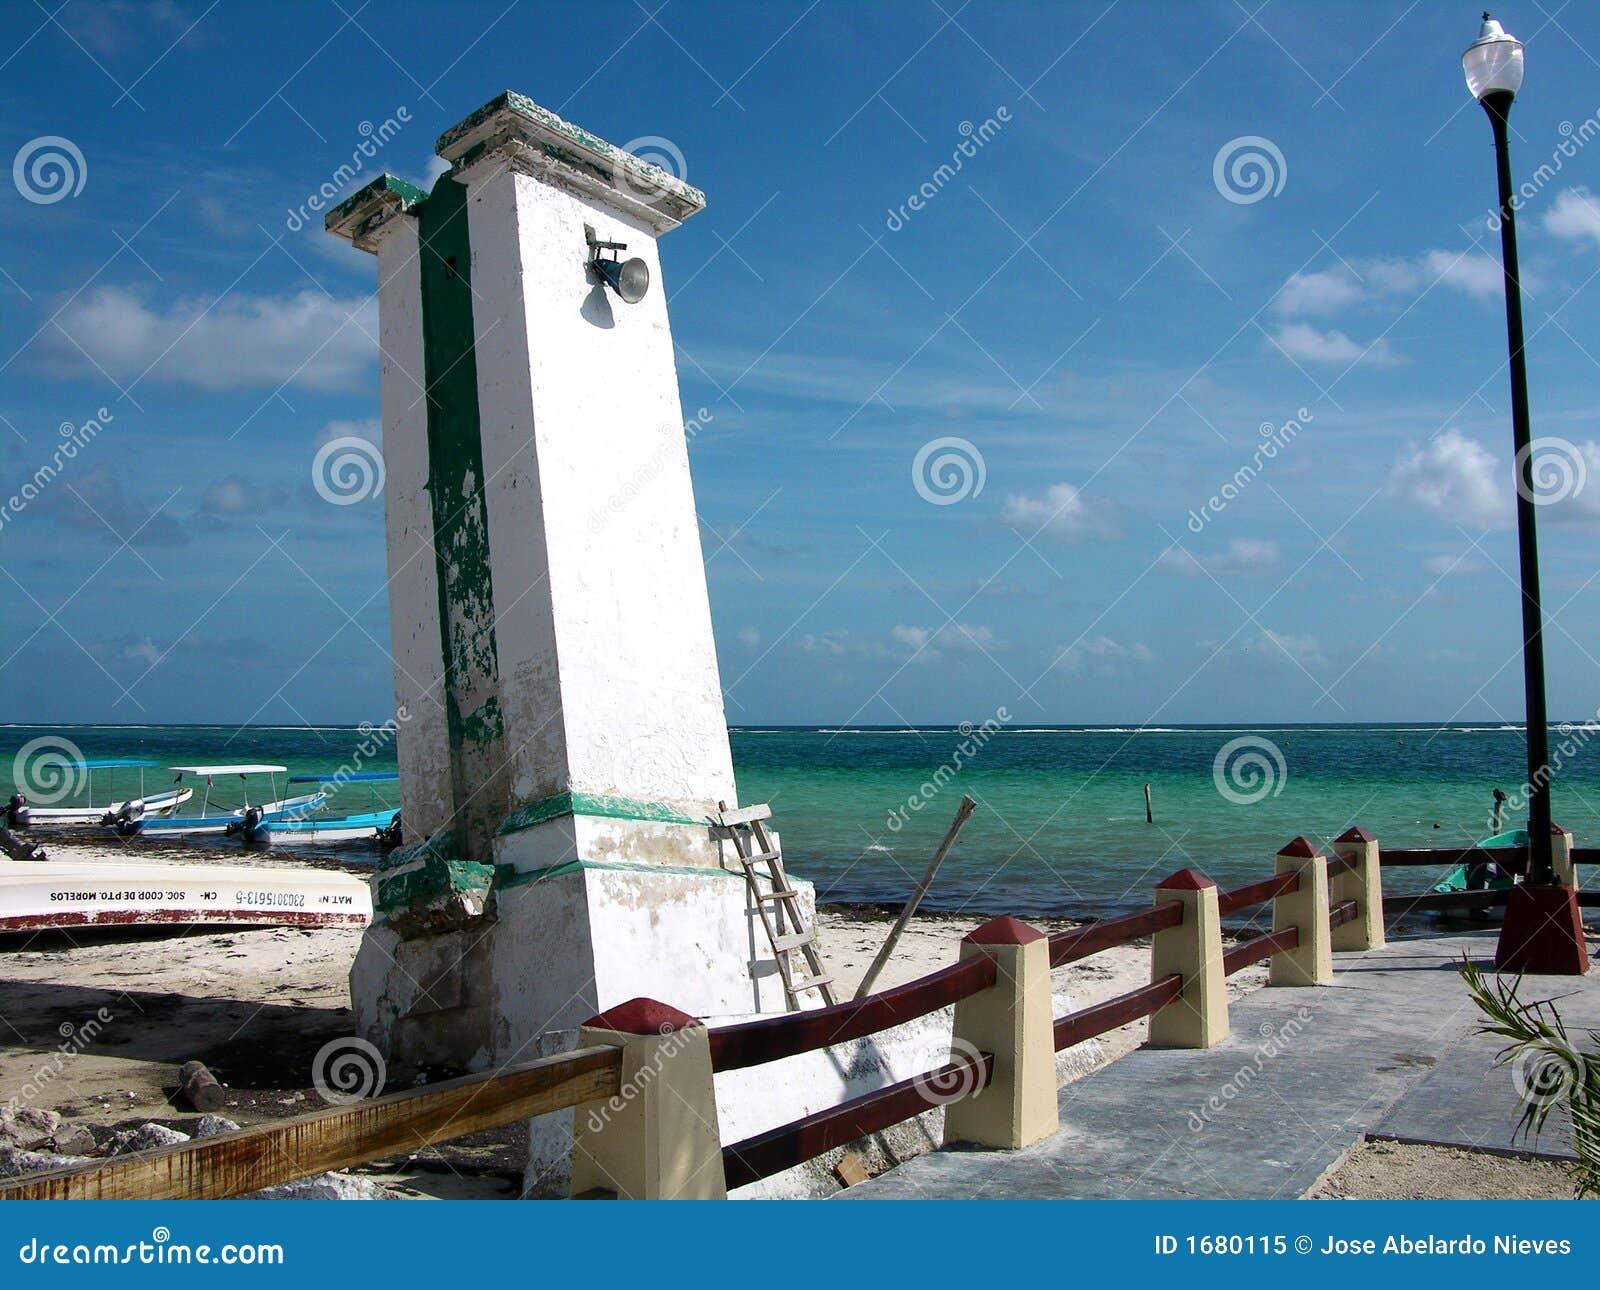 Puerto Morelos, Quintana Roo, Mexico, 01